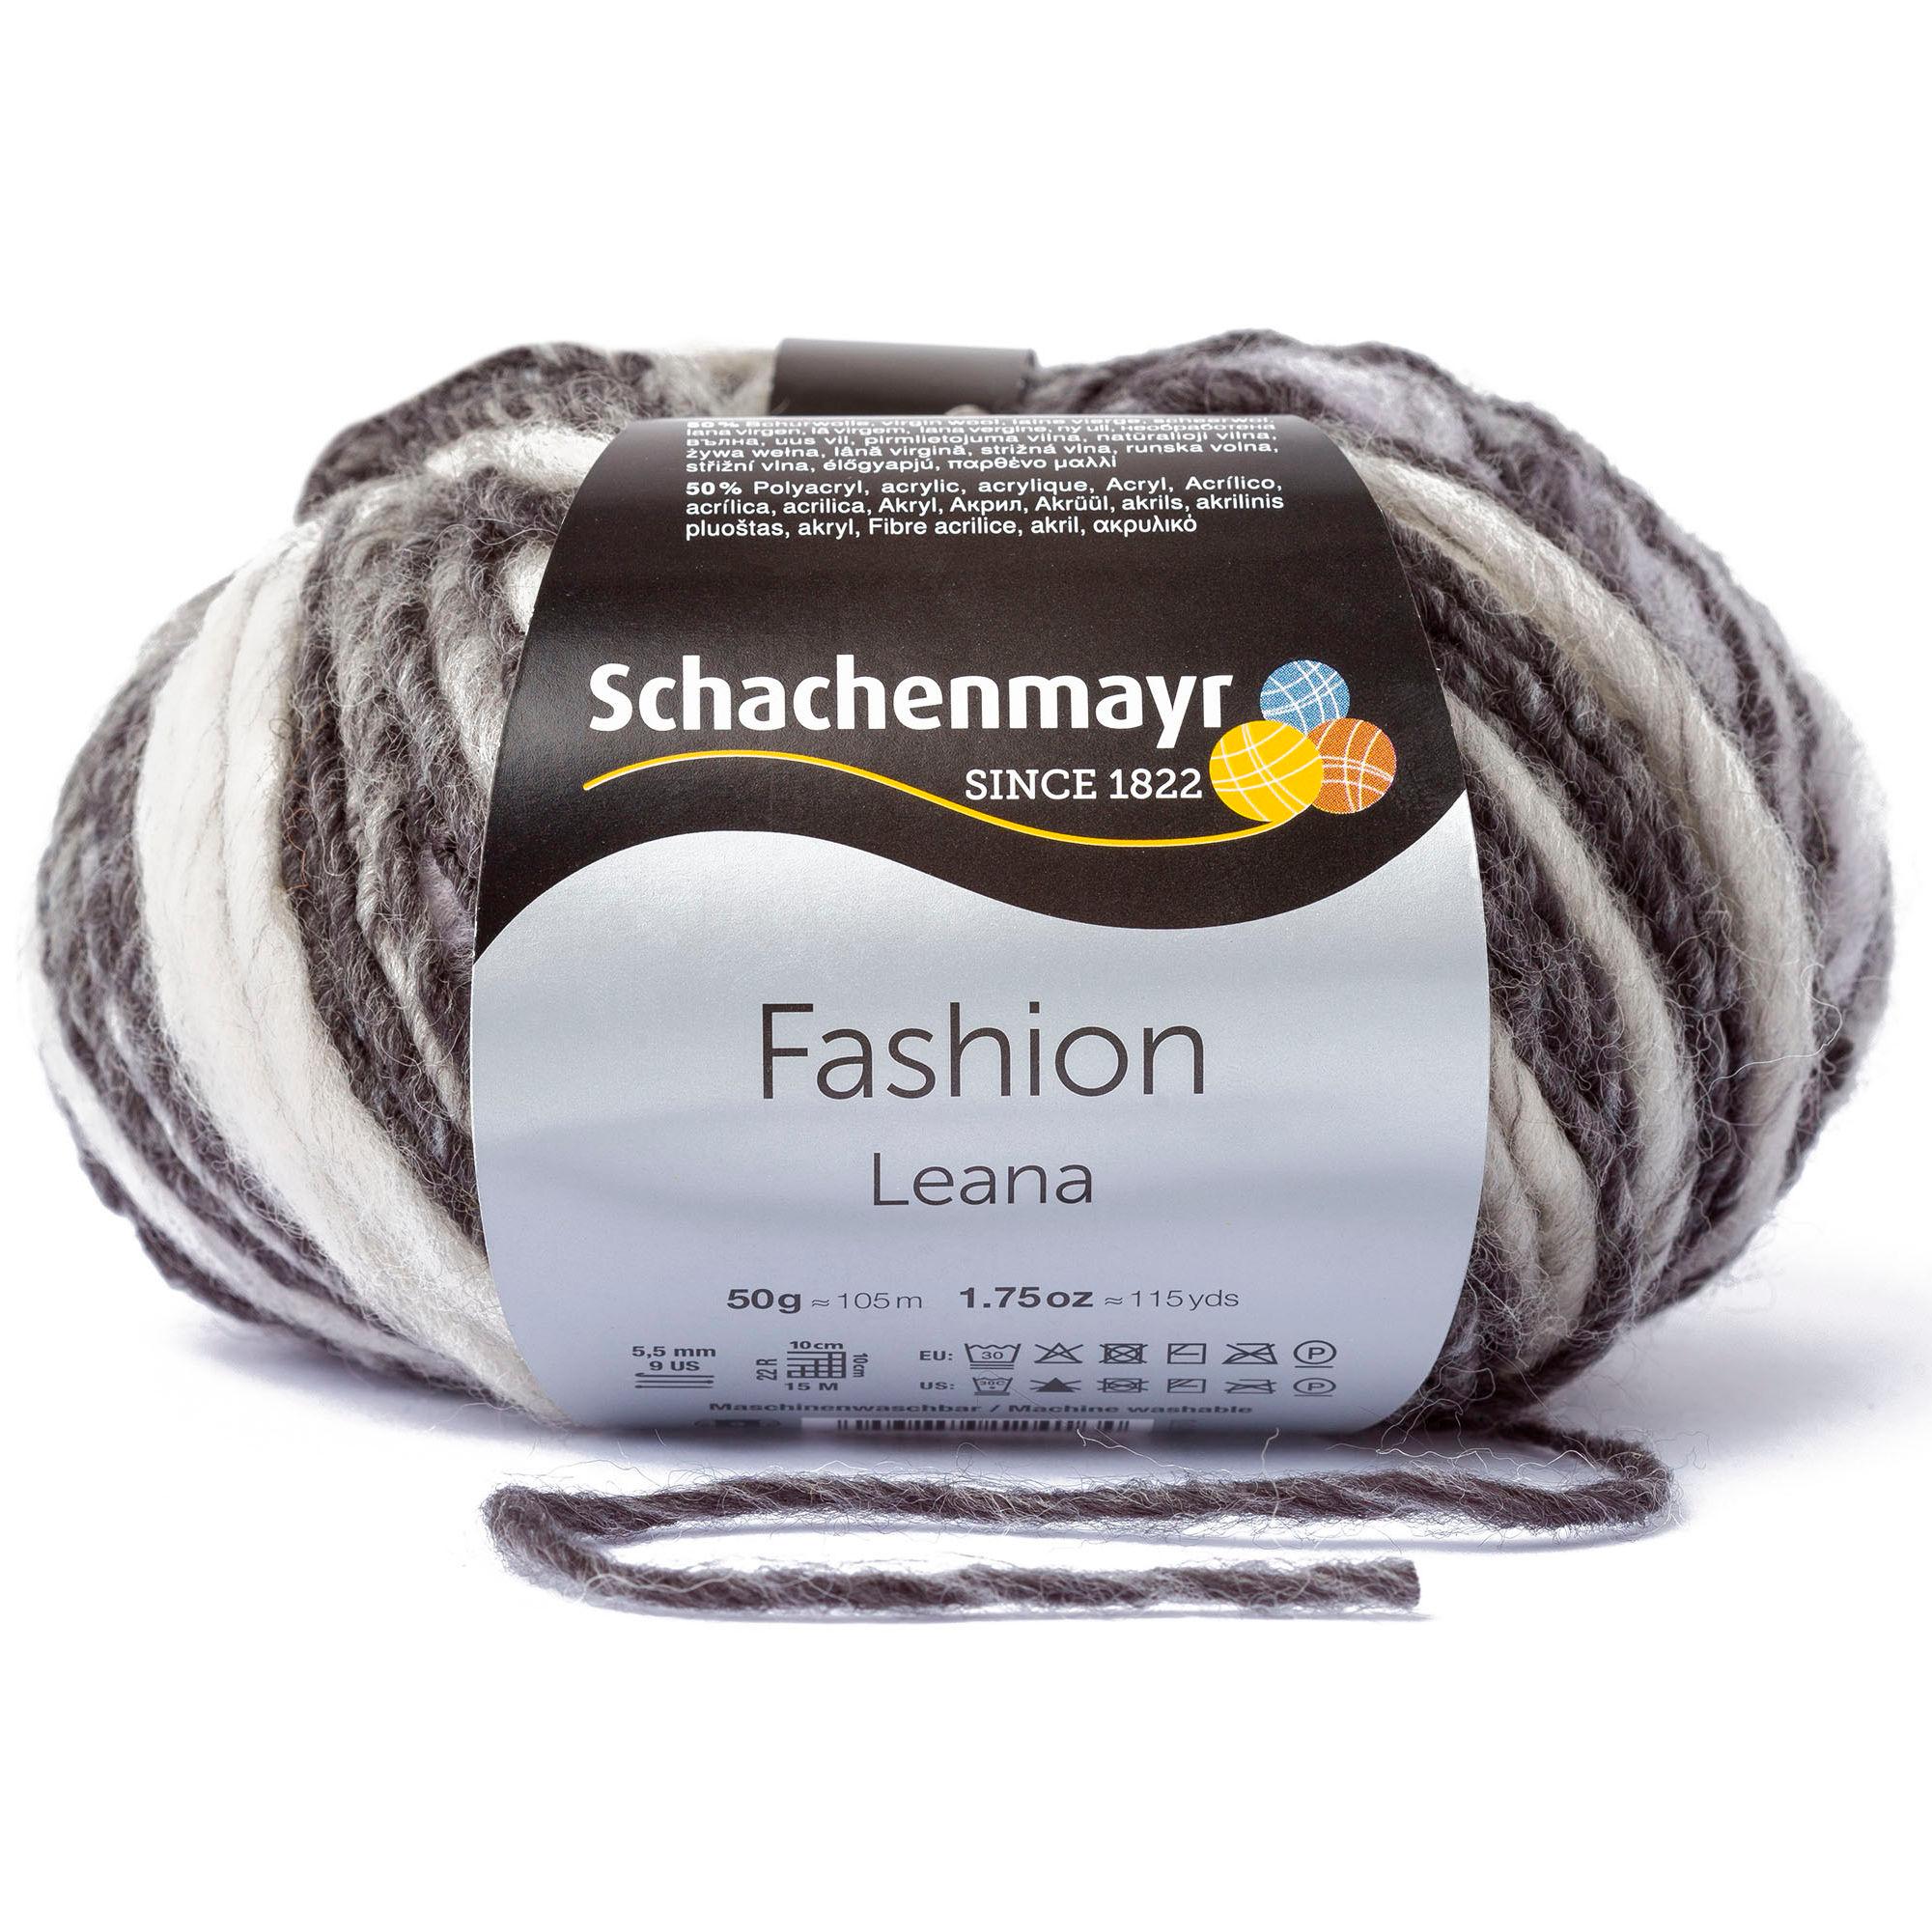 Leana Schachenmayr